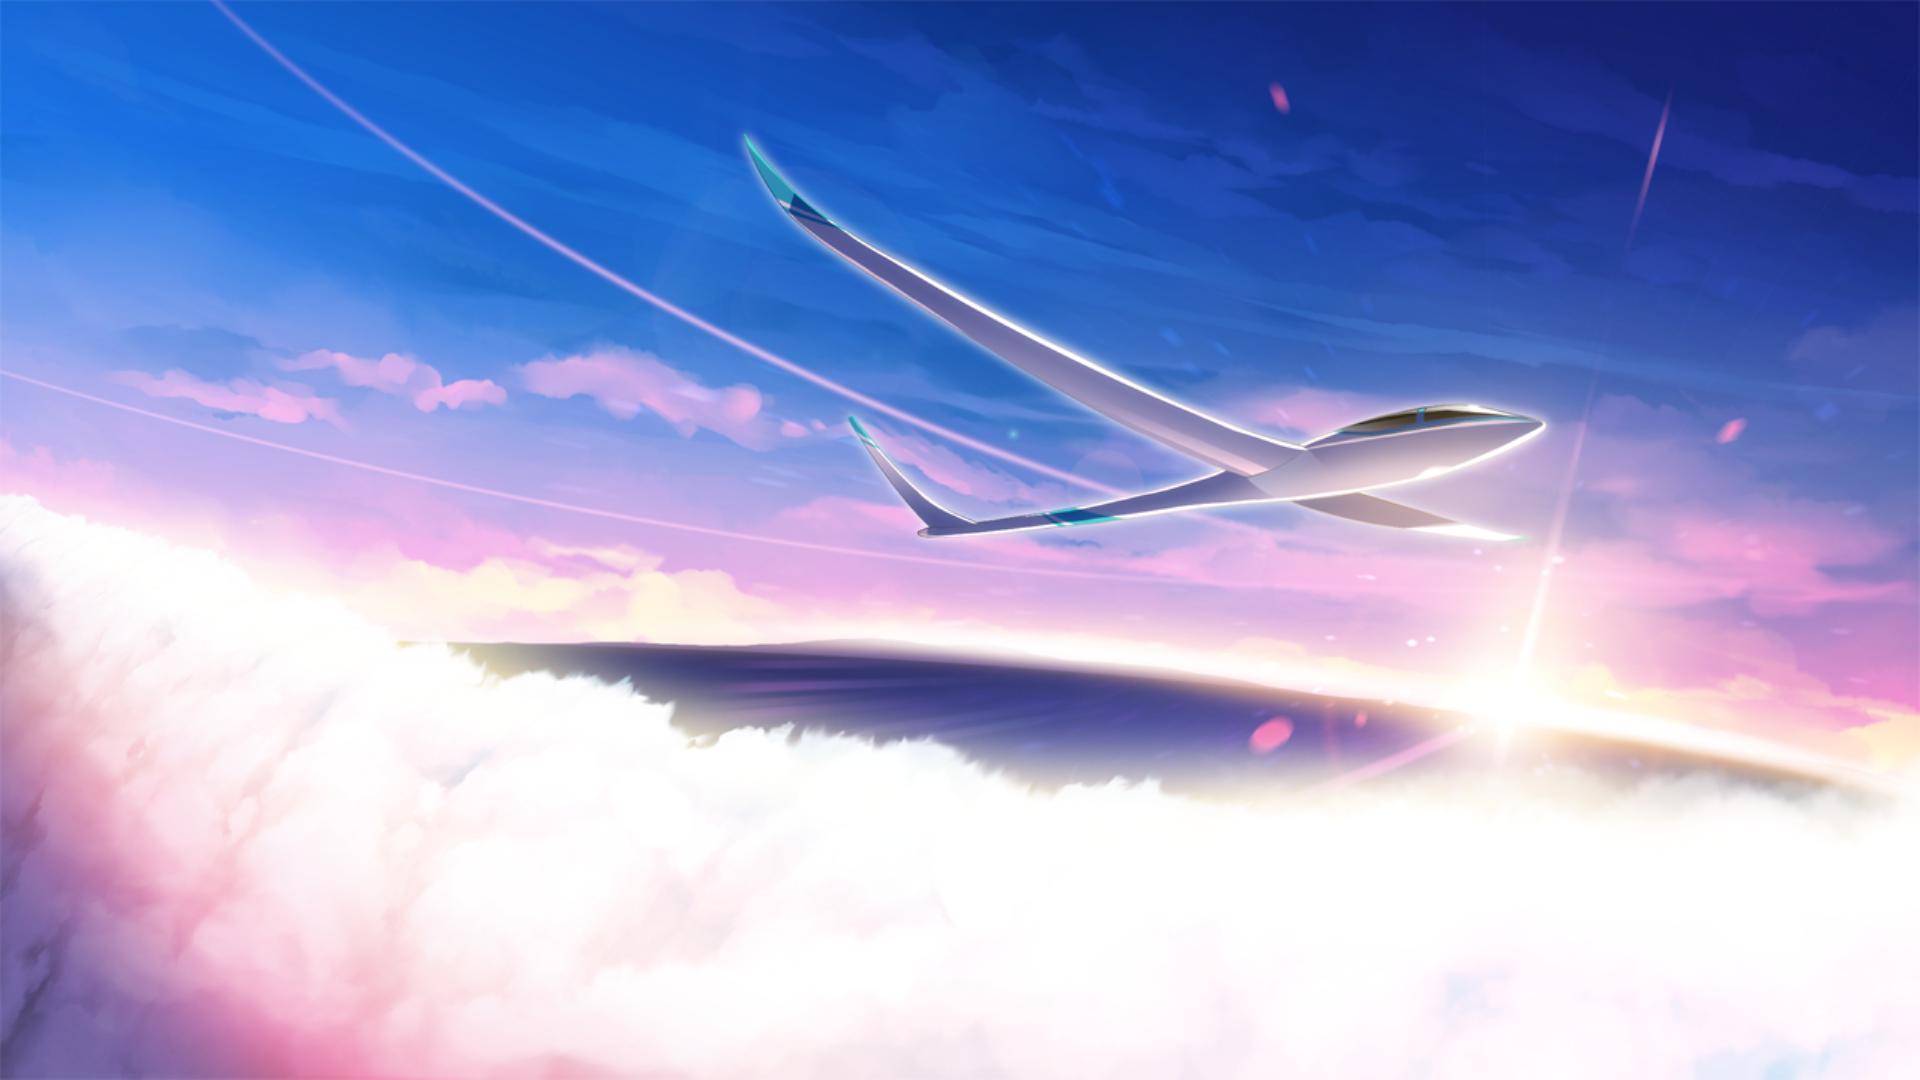 【PC/ADV/官中】 在这苍穹展翅-飞行日志- [OD] 2.76G 9